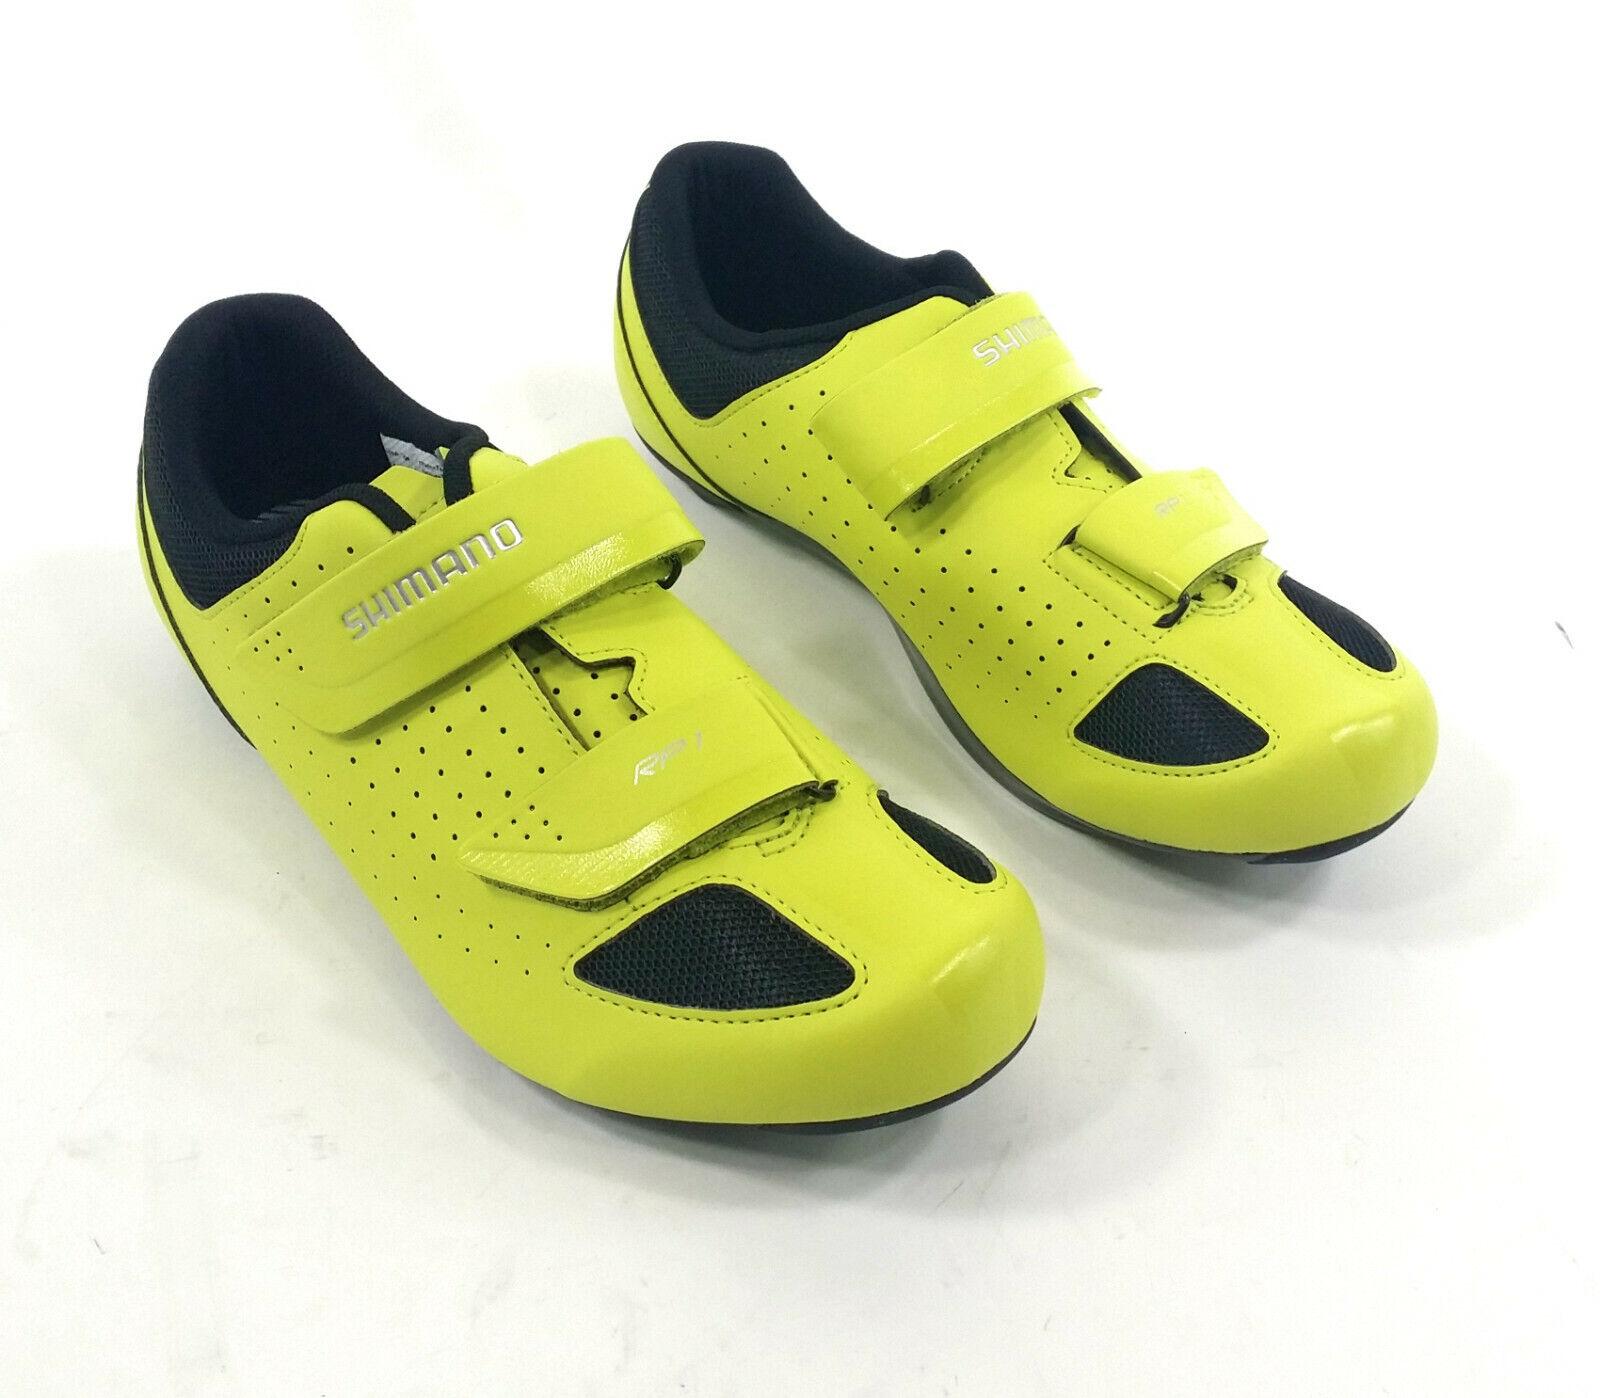 Shimano SH-RP1 Road Bike shoes, Yellow - 42 (US 8.3)